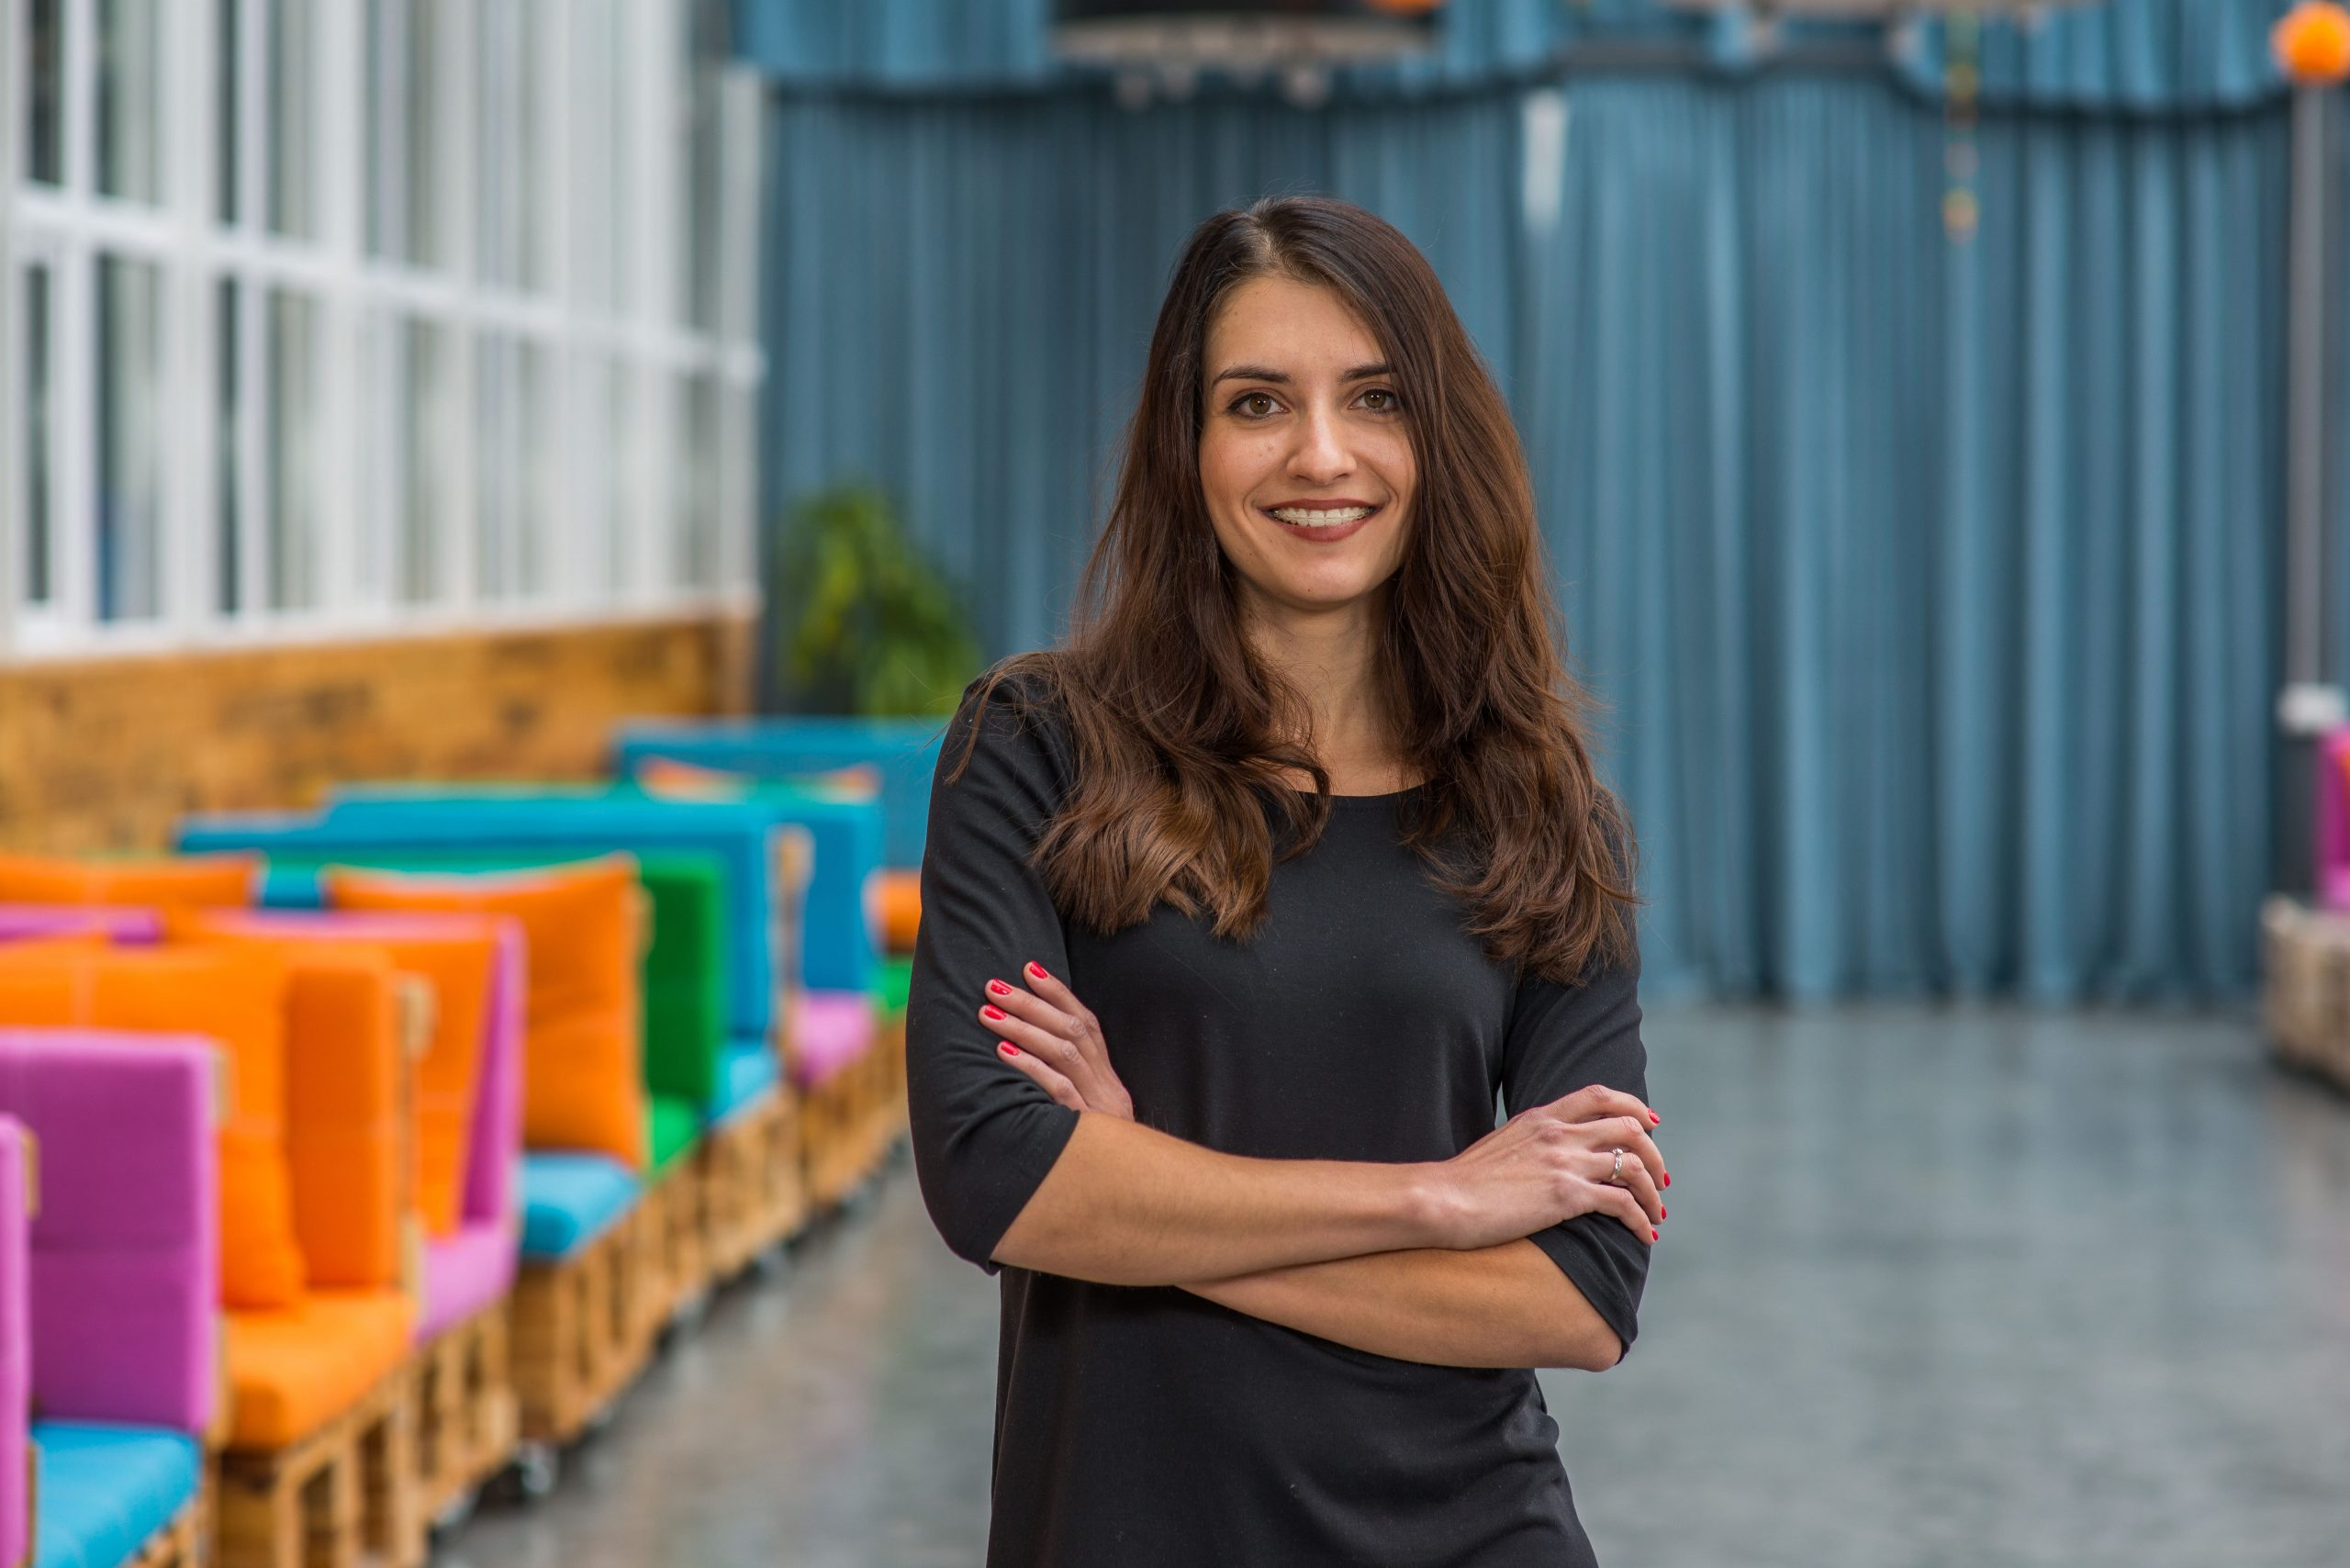 СКАЖИ МНЕ «ДА»: Тамара Кучугурная из сервиса «Вчасно» о понимании запросов клиента и построении качественной обратной связи